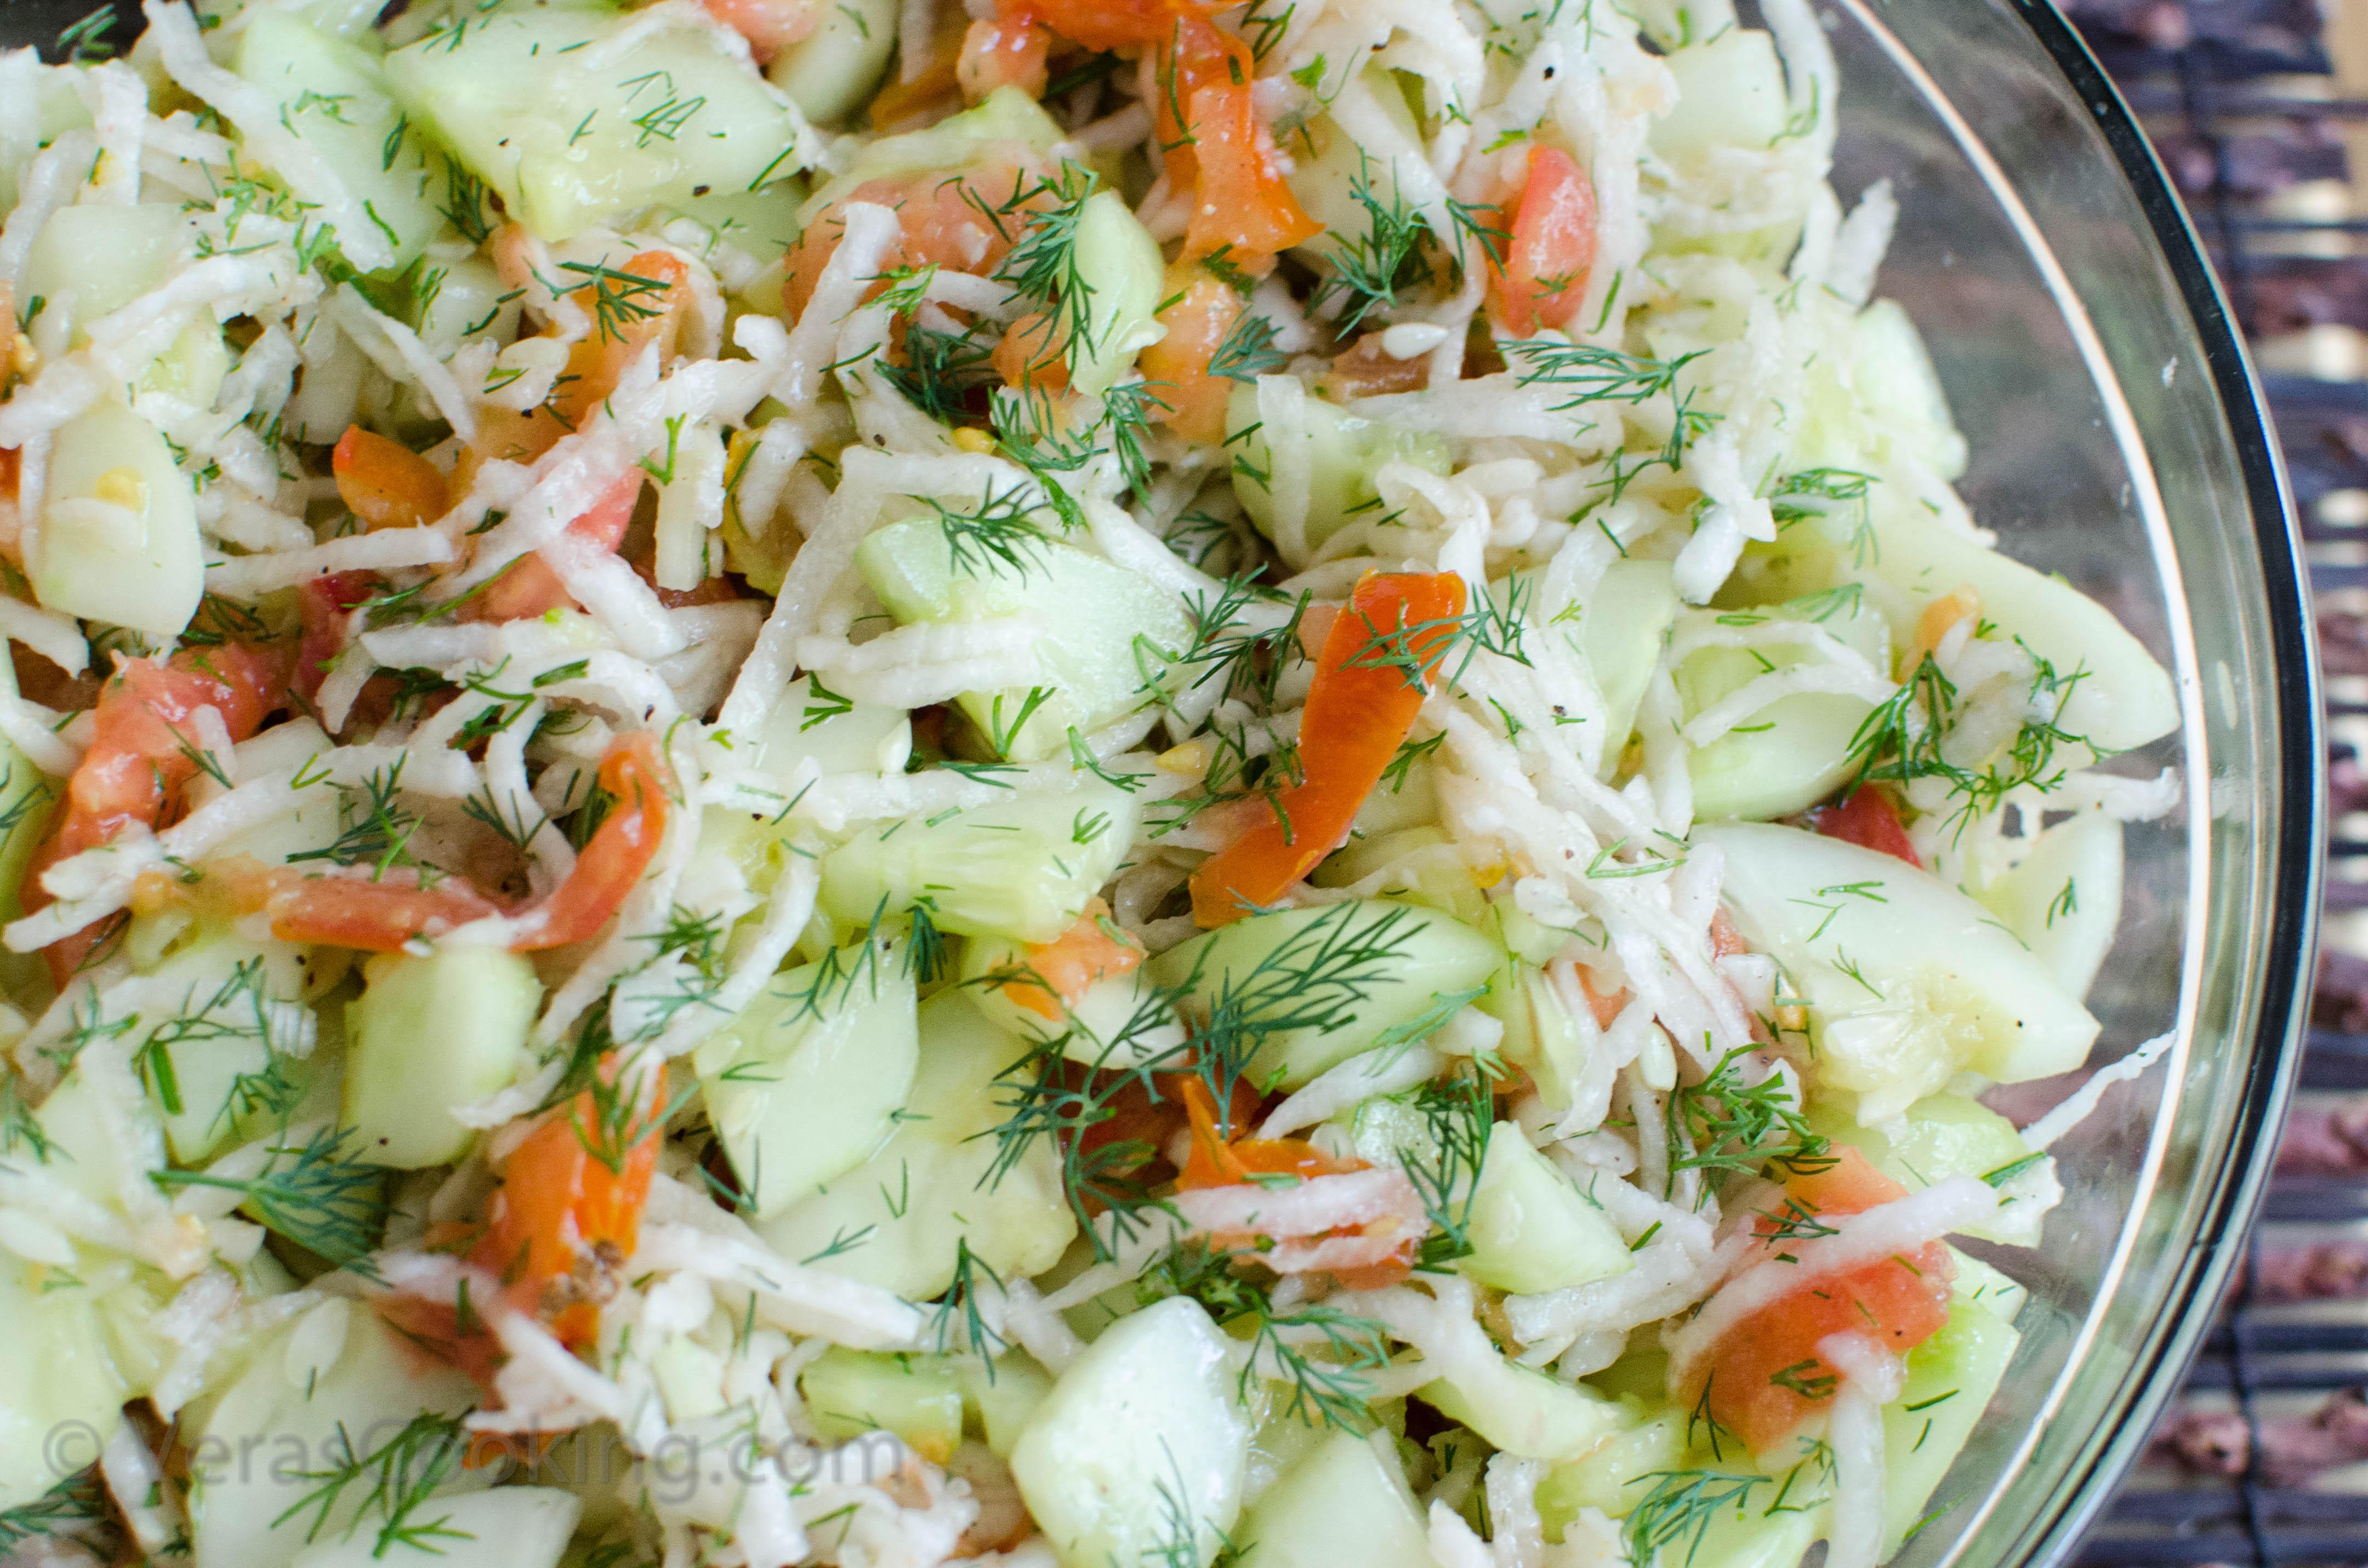 DAD'S VEGETABLE SALAD - Vera's Cooking